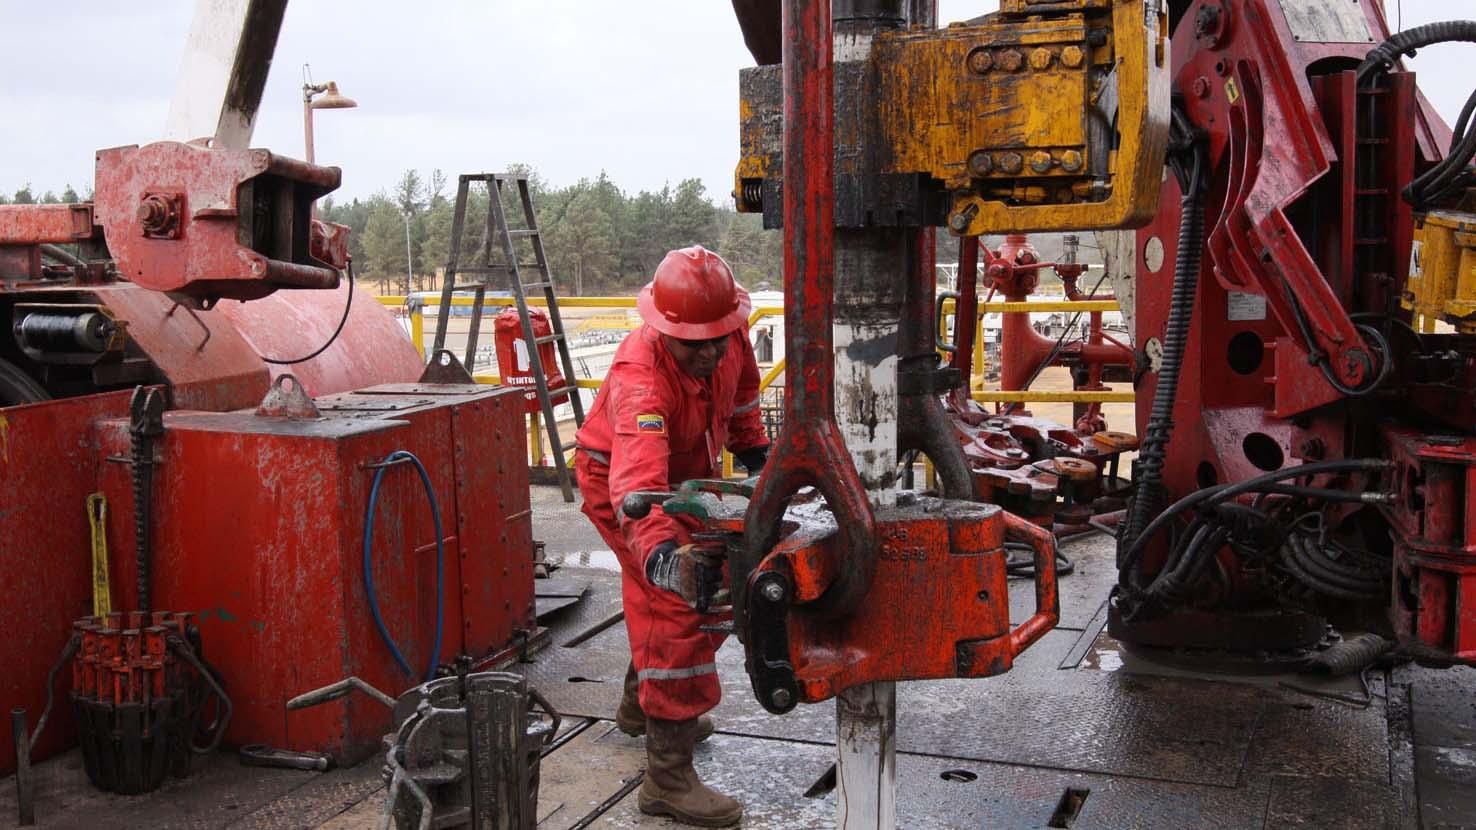 Funcionarios del Ente Nazionale Idrocarburi analizaron los proyectos que mantienen conjuntos en territorio venezolano